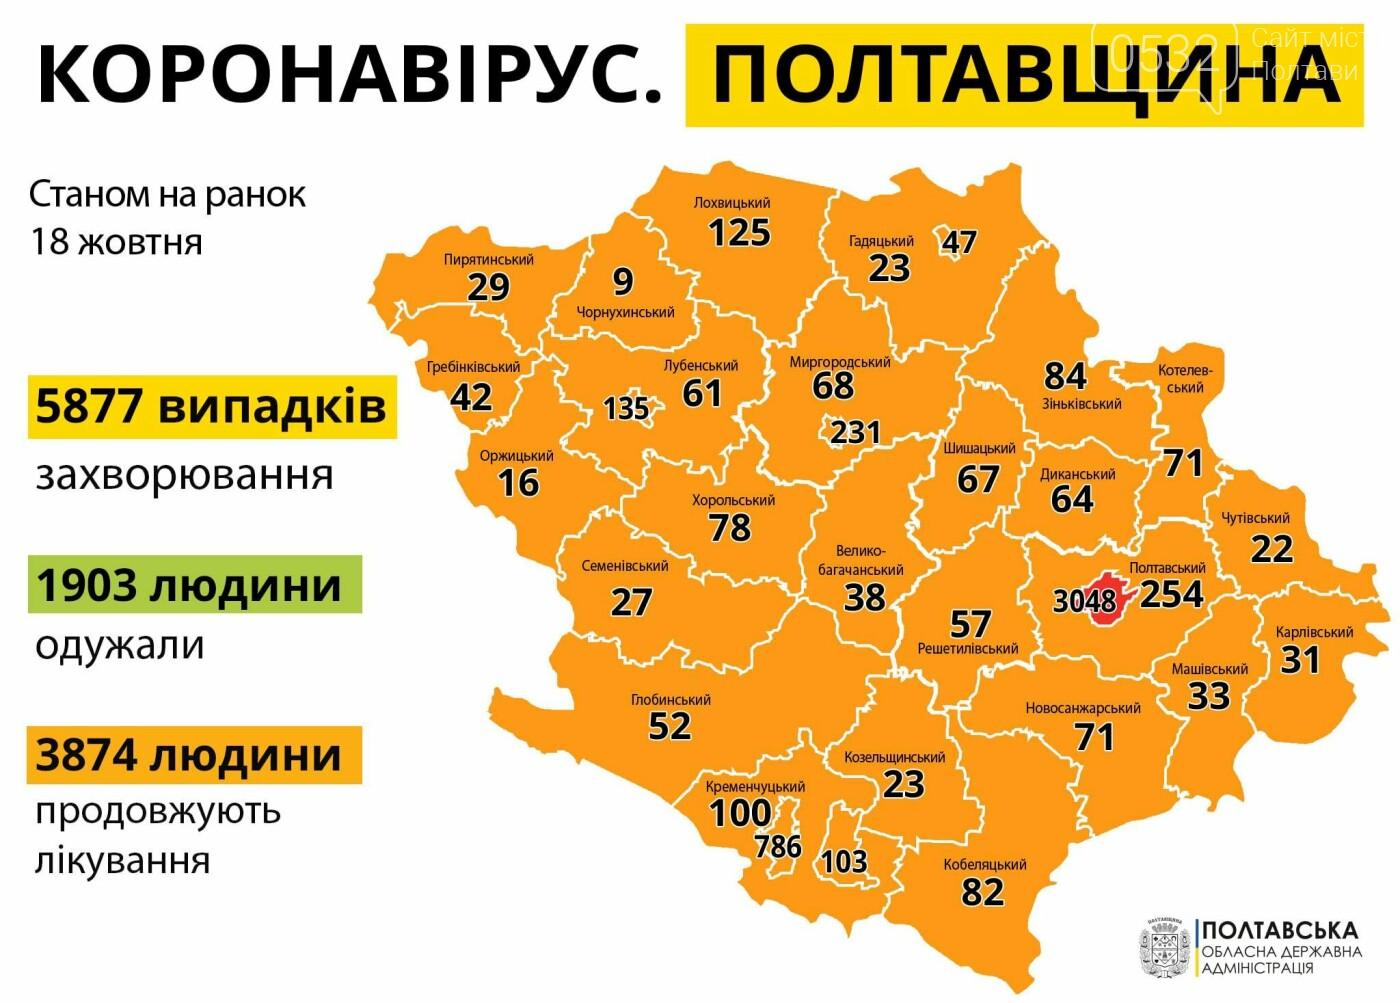 В Україні за добу – понад 5 тисяч випадків коронавірусу, на Полтавщині – 139, фото-1